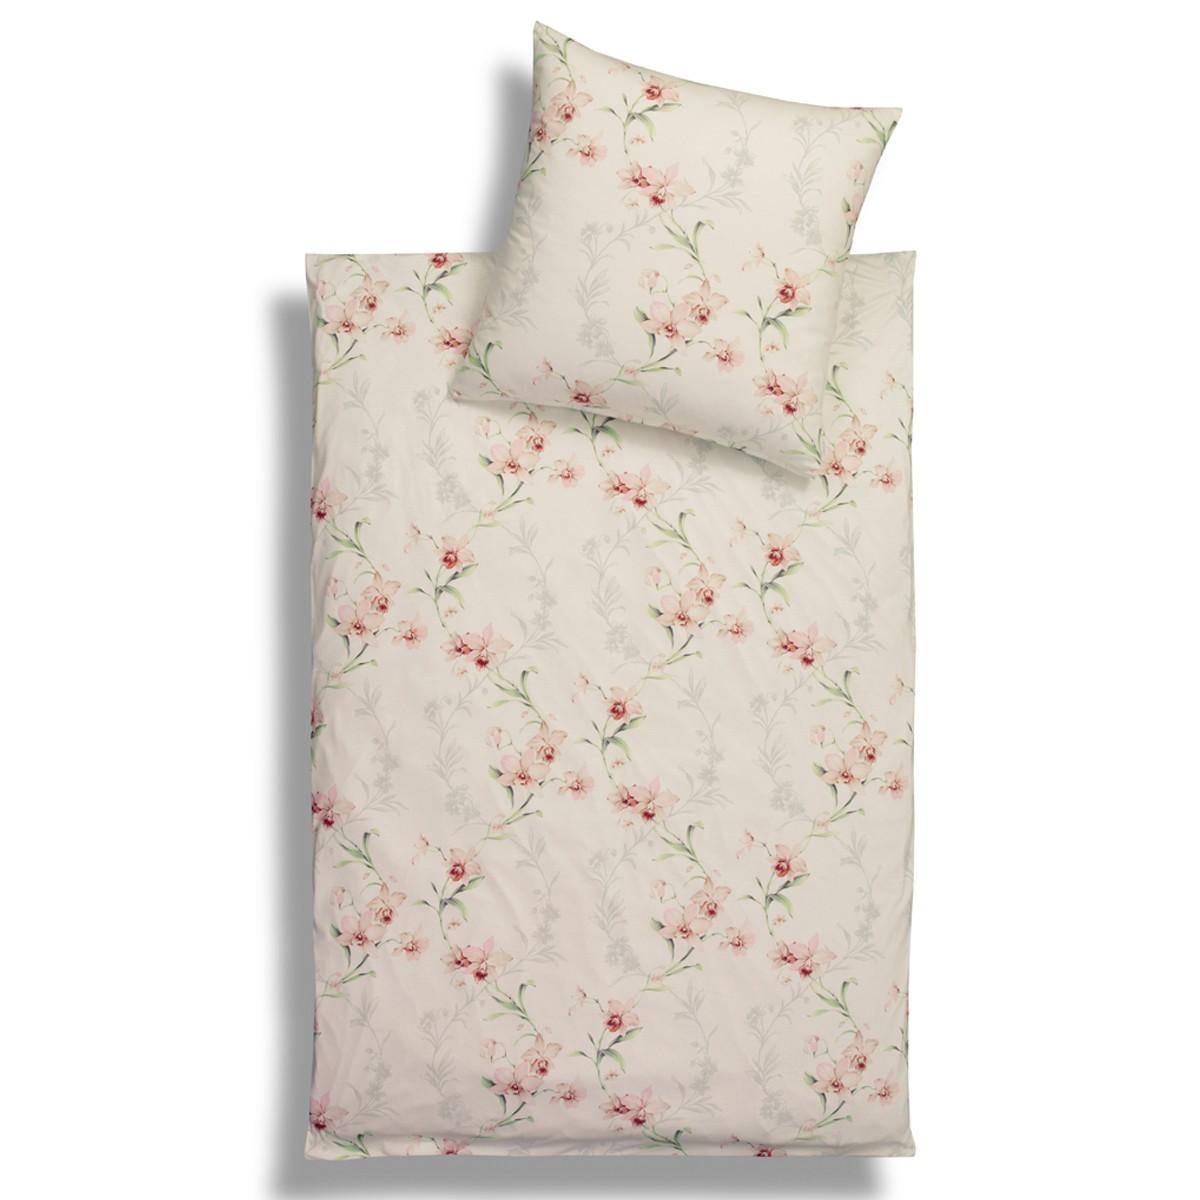 interlock jersey bettw sche estella fedora magnolia bettw sche jersey bettw sche. Black Bedroom Furniture Sets. Home Design Ideas